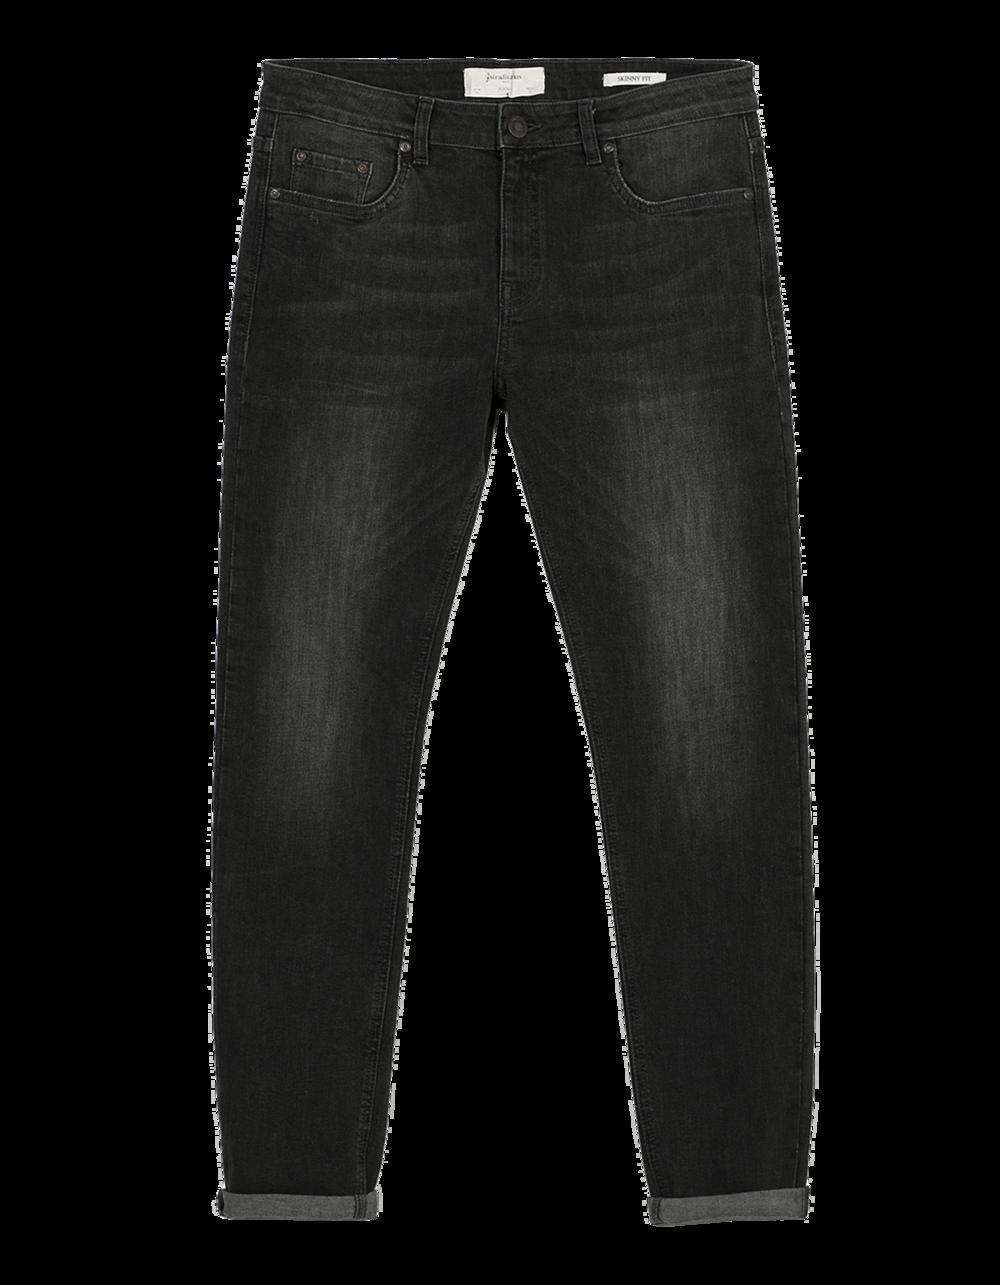 StradivariusMan_garments (203).png